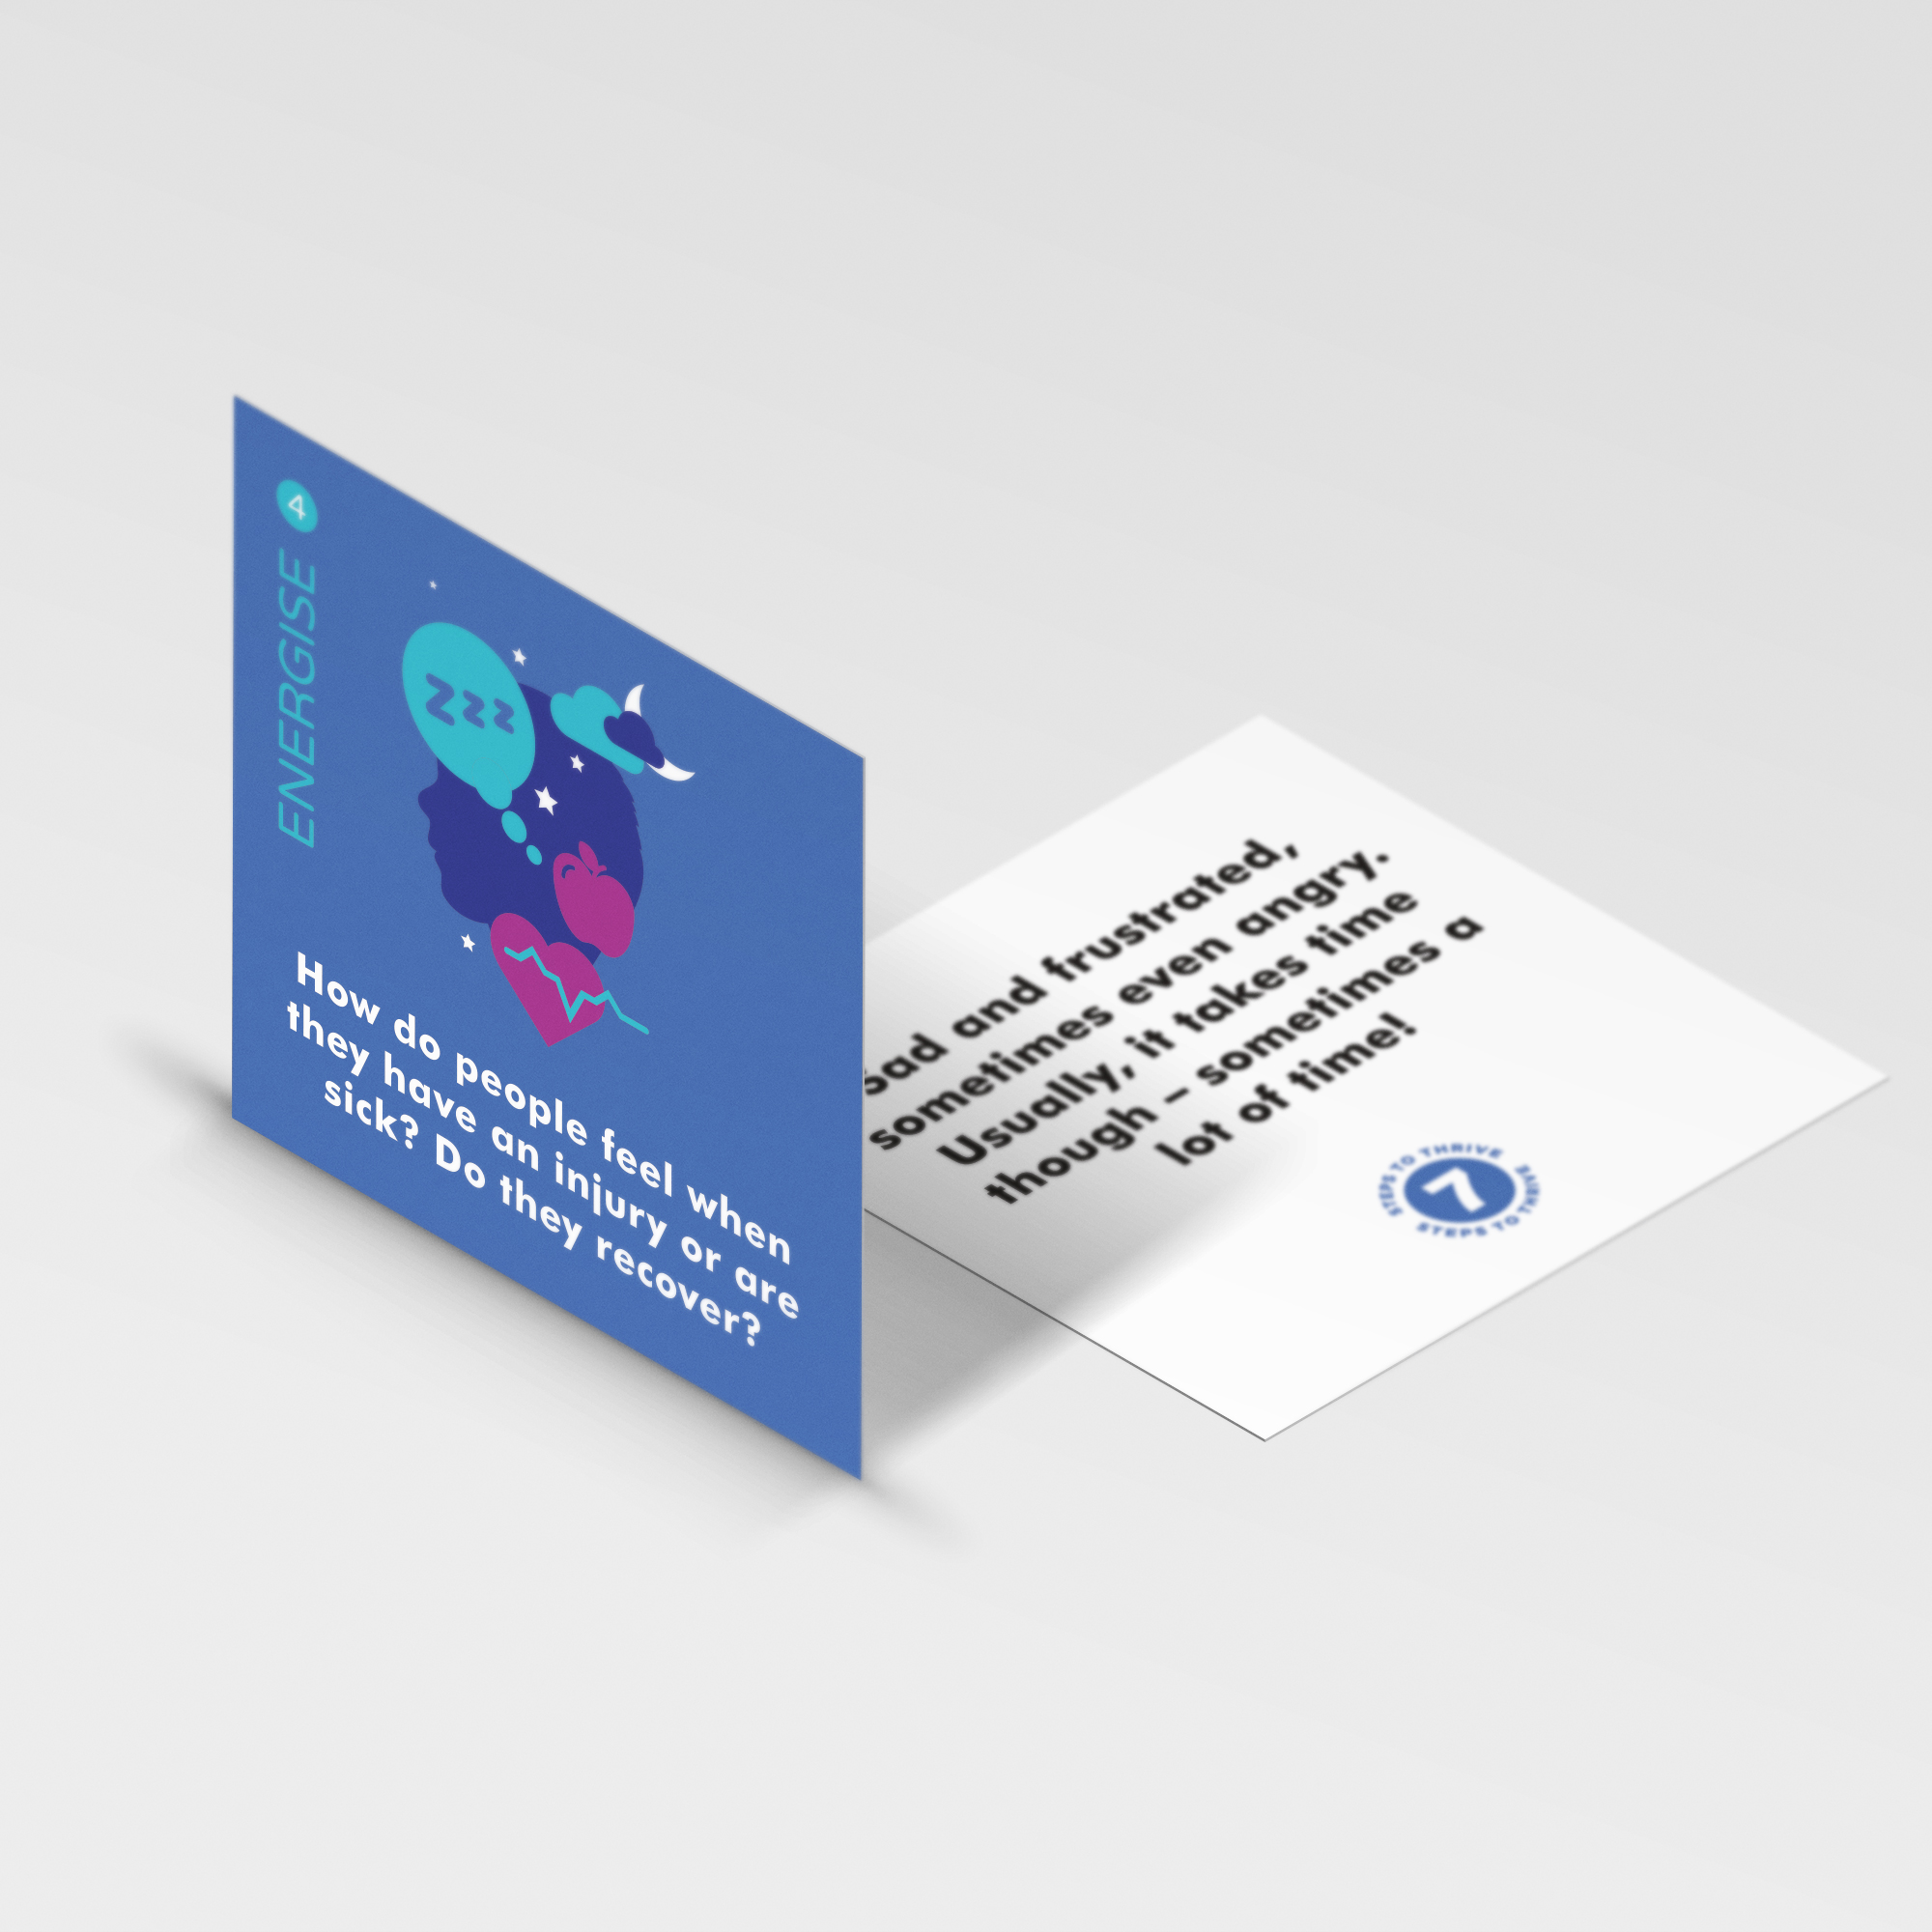 mockup_cards_v3_4.jpg